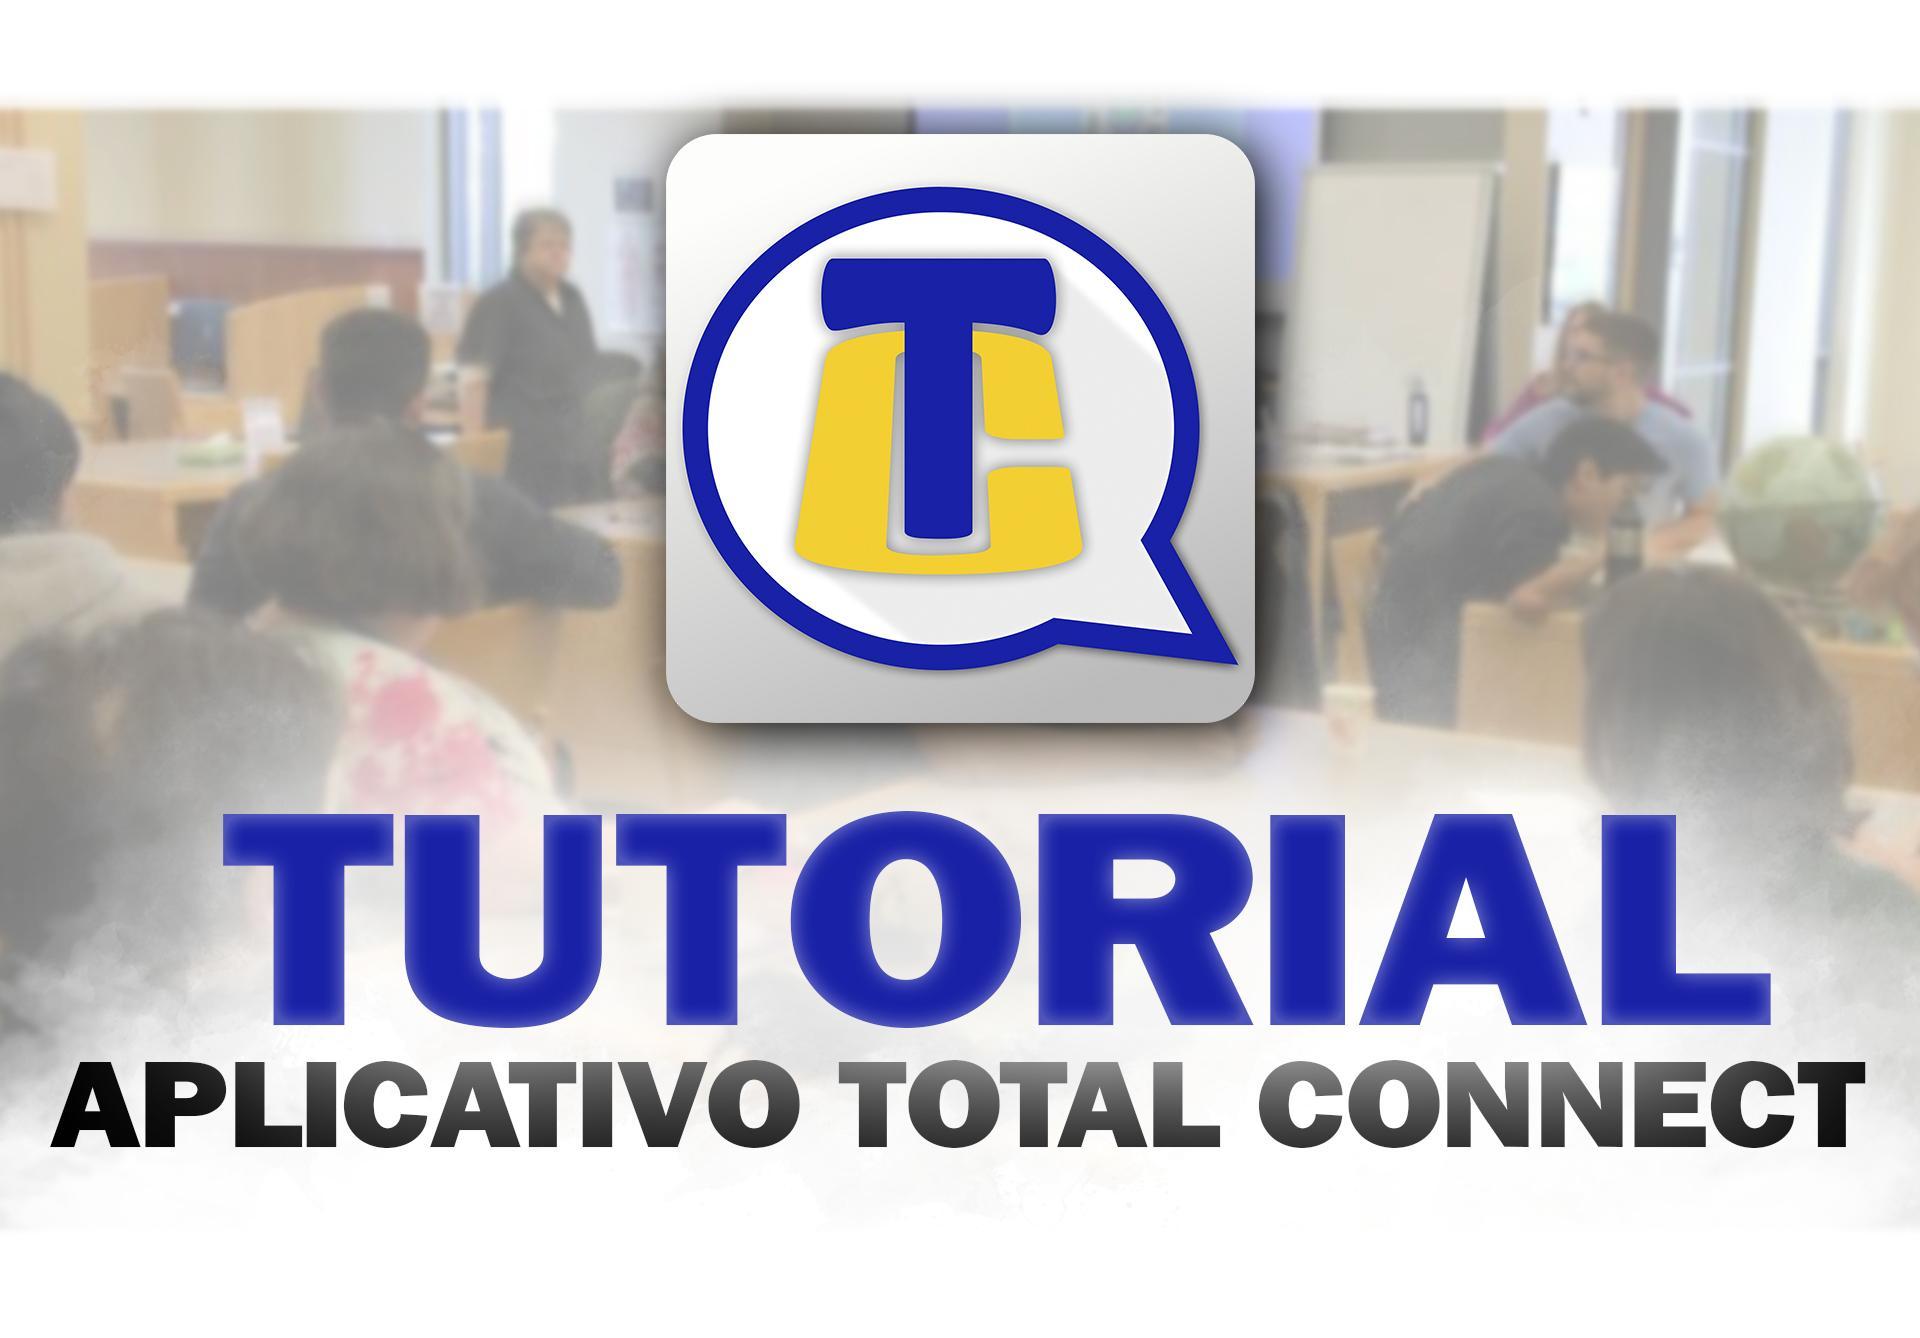 TUTORIAL DO APLICATIVO TOTAL CONNECT [EM MANUTENÇÃO]